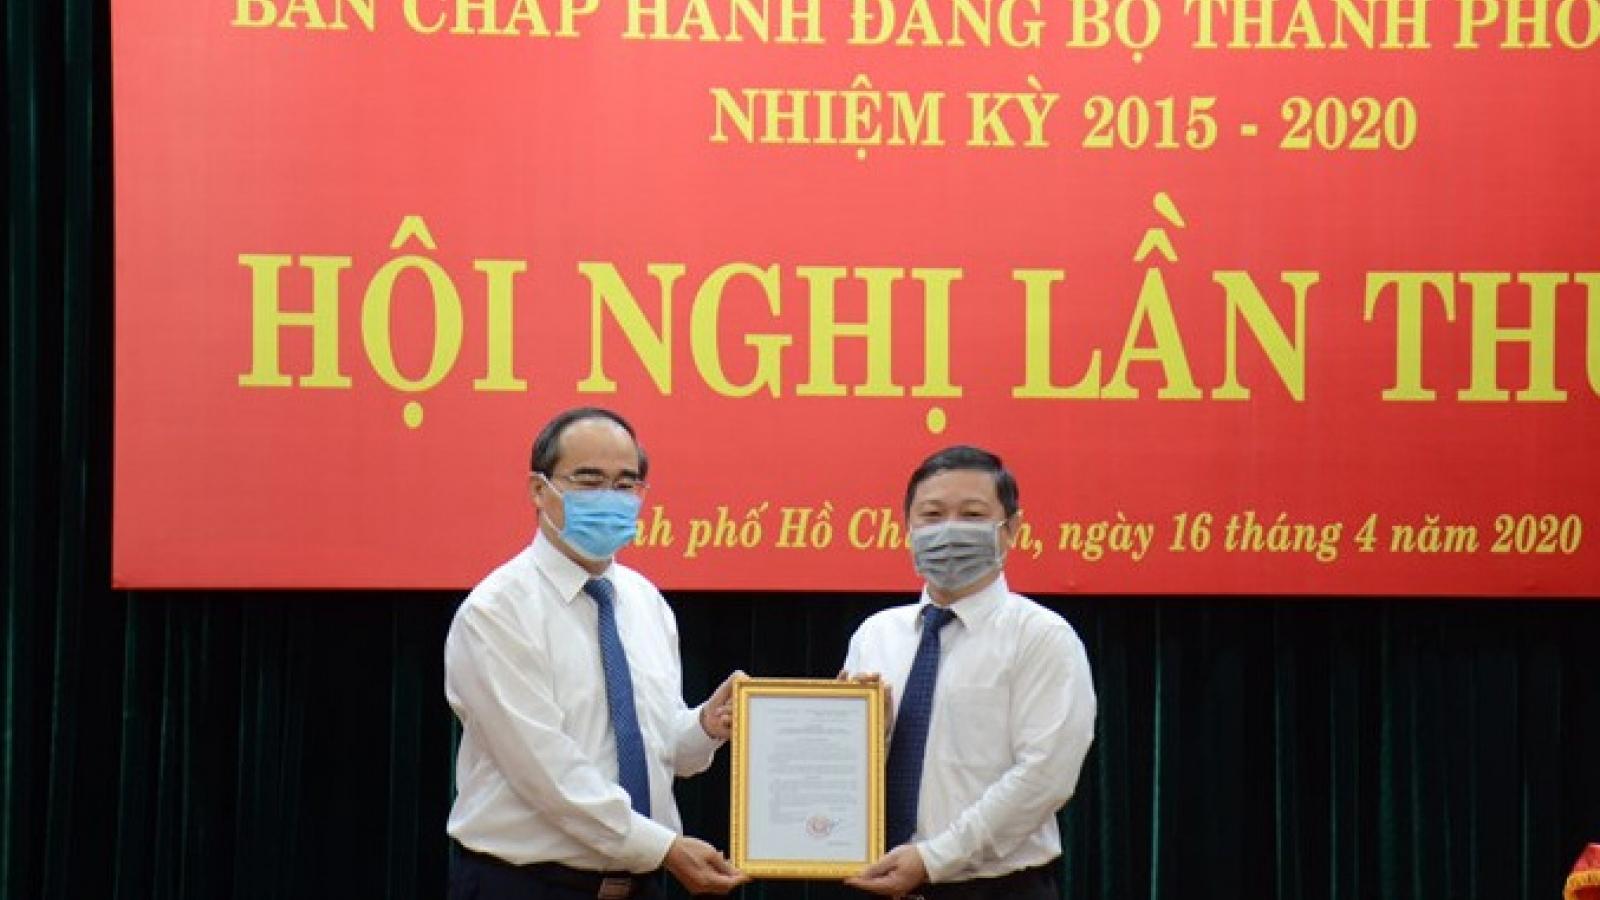 Trao quyết định phê chuẩn ông Dương Anh Đức làm Phó Chủ tịch UBND TPHCM